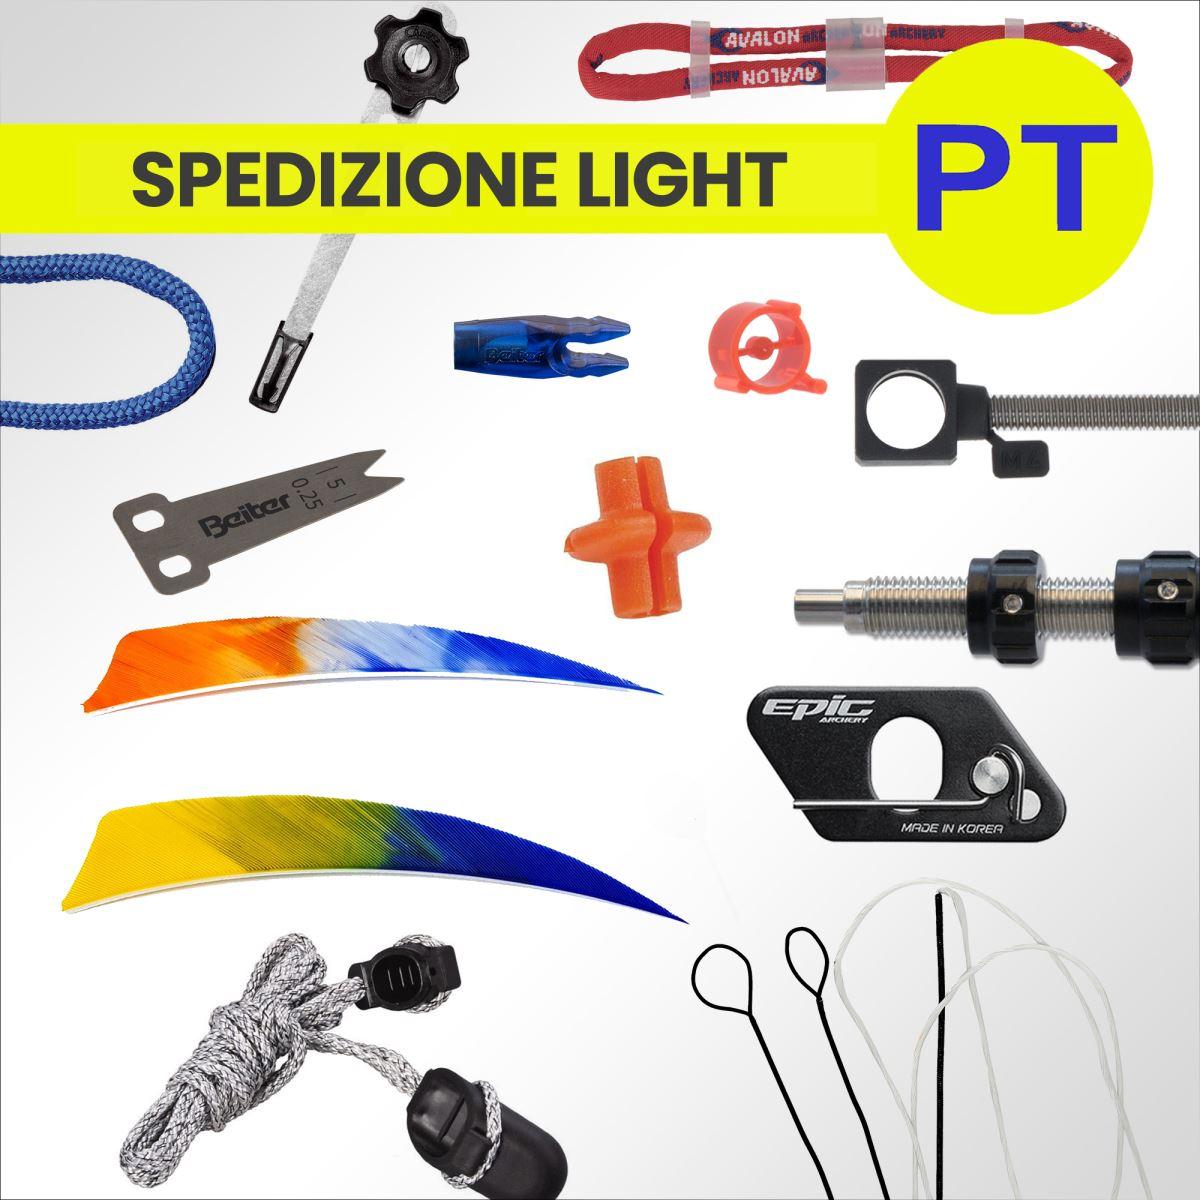 Scopri tutti i prodotti con spedizione light a soli 3 euro!